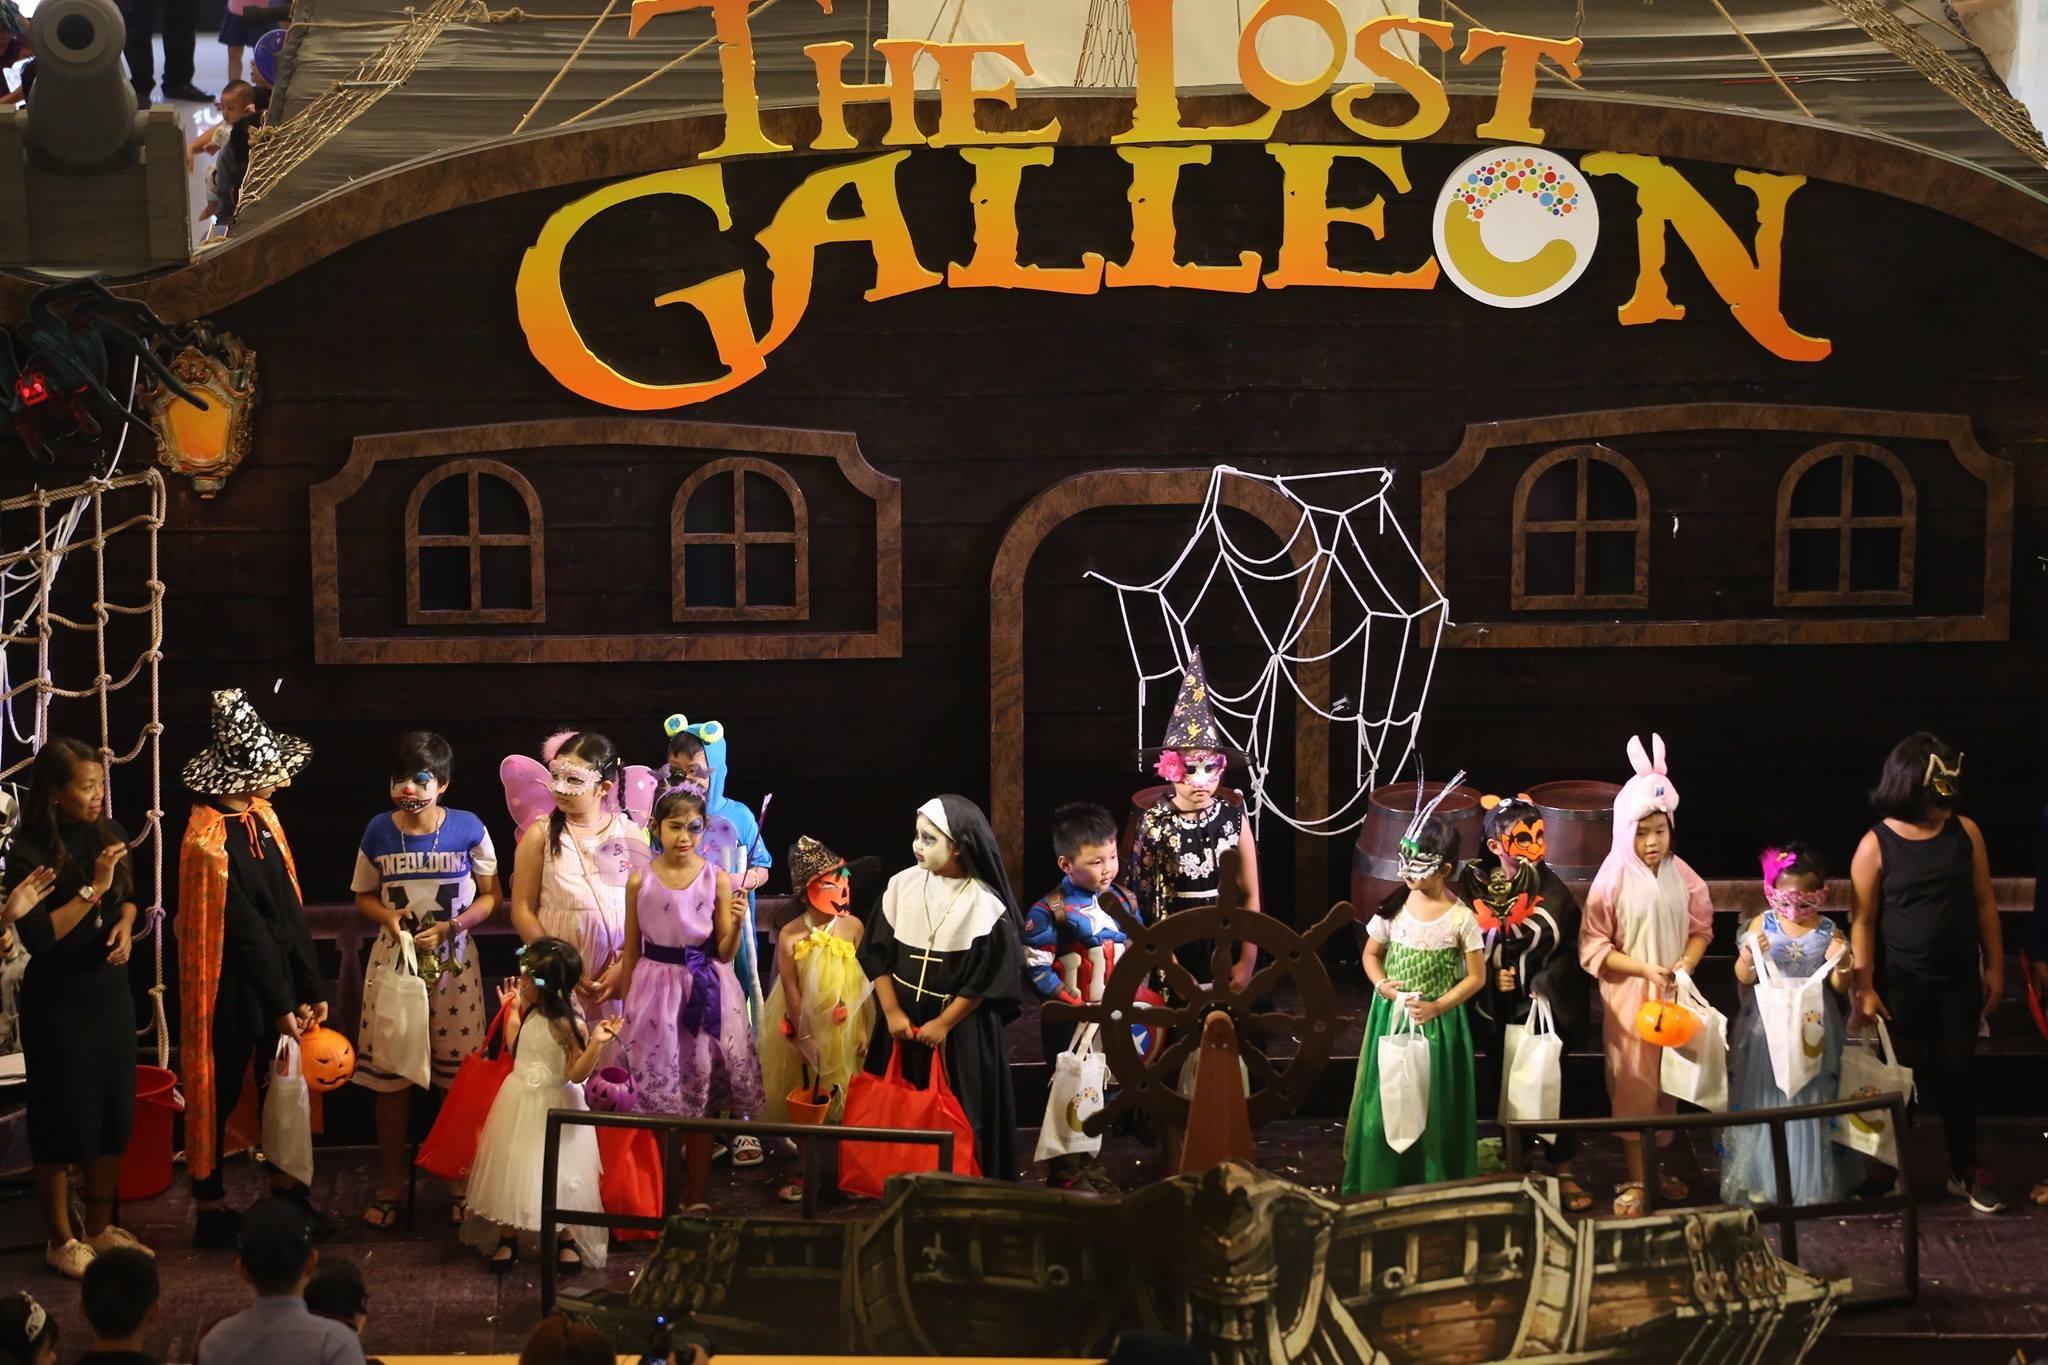 Khám phá loạt địa điểm vui chơi Halloween được check-in nhiều nhất tại Sài Gòn  - Ảnh 15.